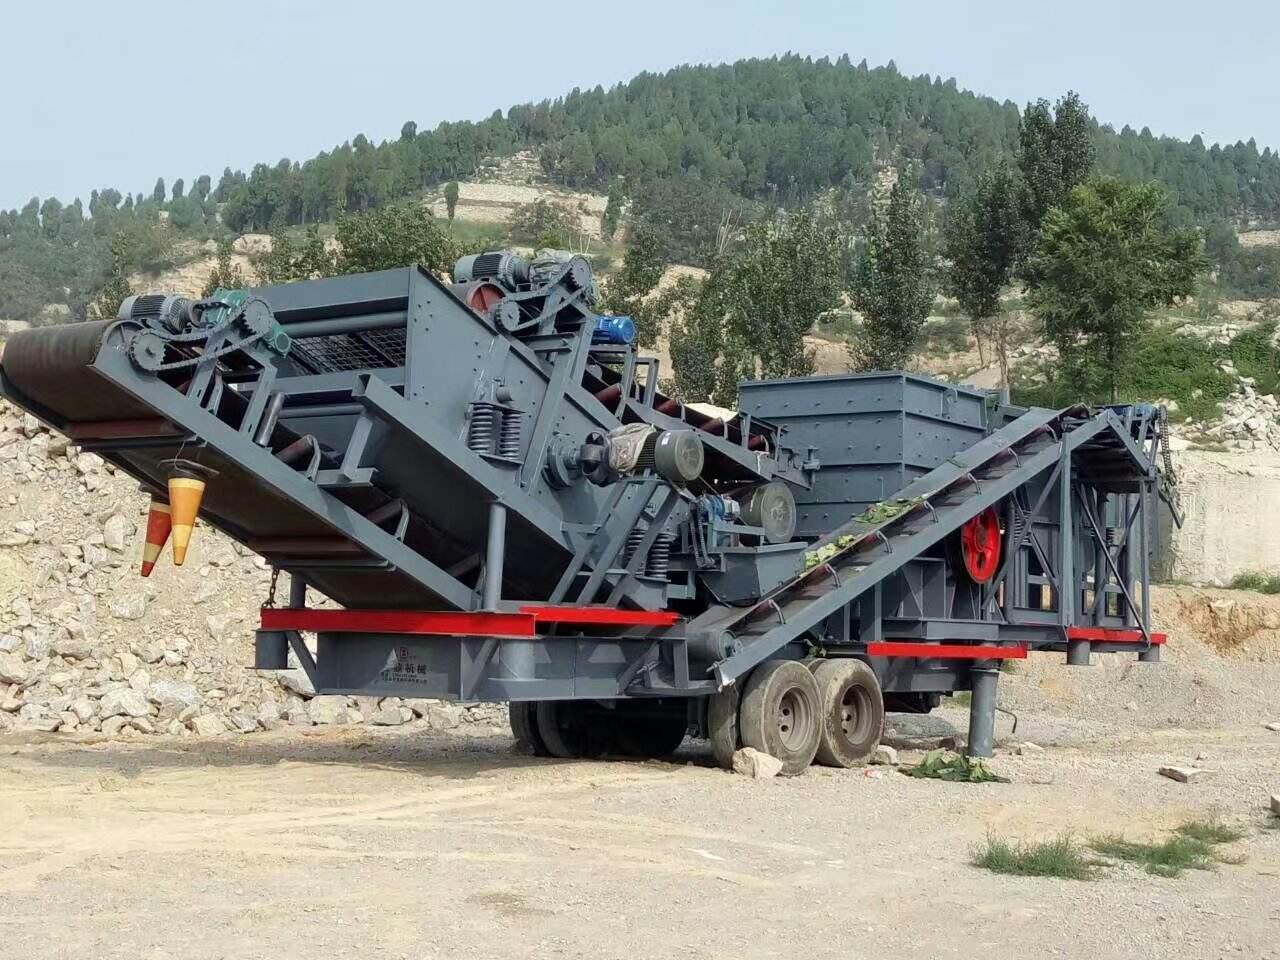 可改变出料的粒度湖北襄控机电工程设备有限公司破碎机 可以减少建筑垃圾对环境的危害